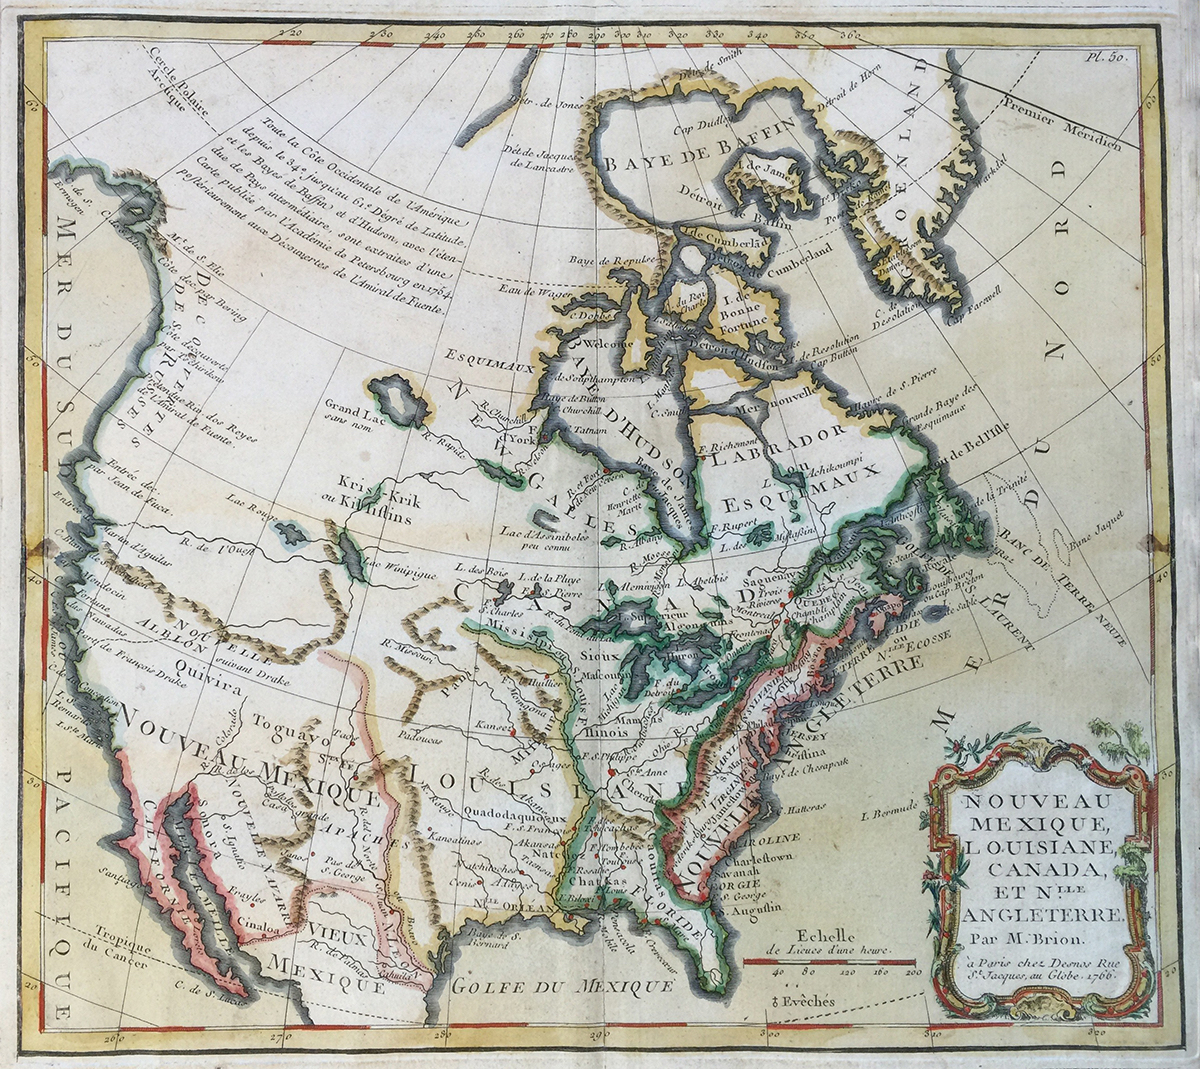 Map: 1766 Desnos' Nouveau Mexique, Louisiane, Canada, et Nouvelle Angleterre.